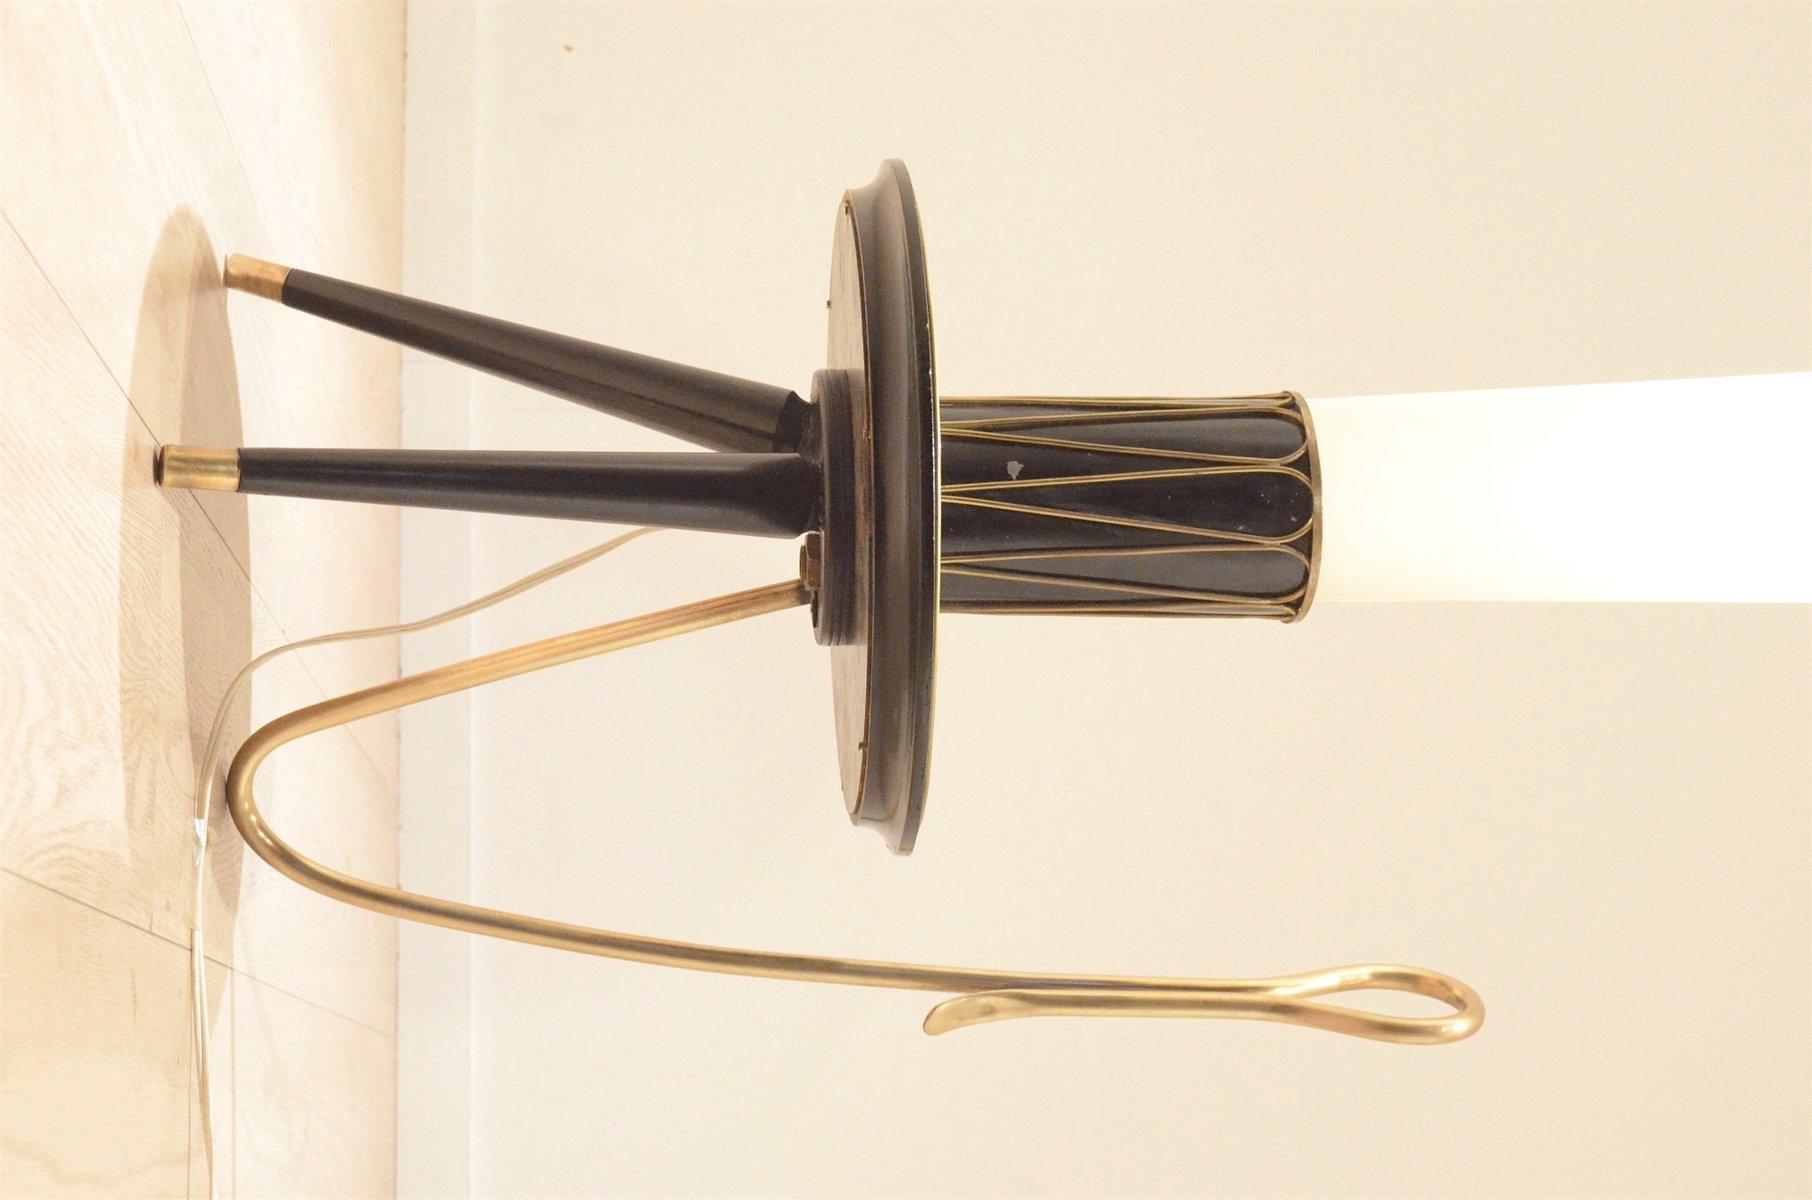 italienische mid century dreibein stehlampe aus messing und lackiertem holz bei pamono kaufen. Black Bedroom Furniture Sets. Home Design Ideas